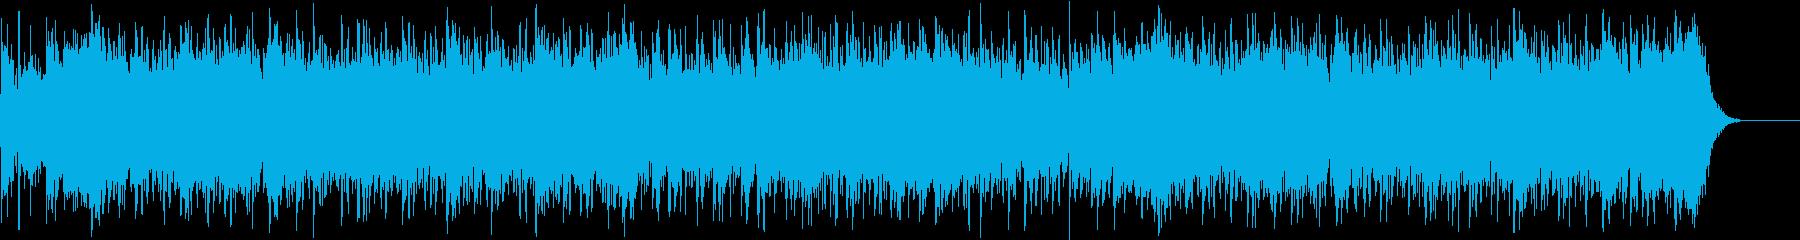 堂々と進軍するイメージ(勇壮感)の再生済みの波形